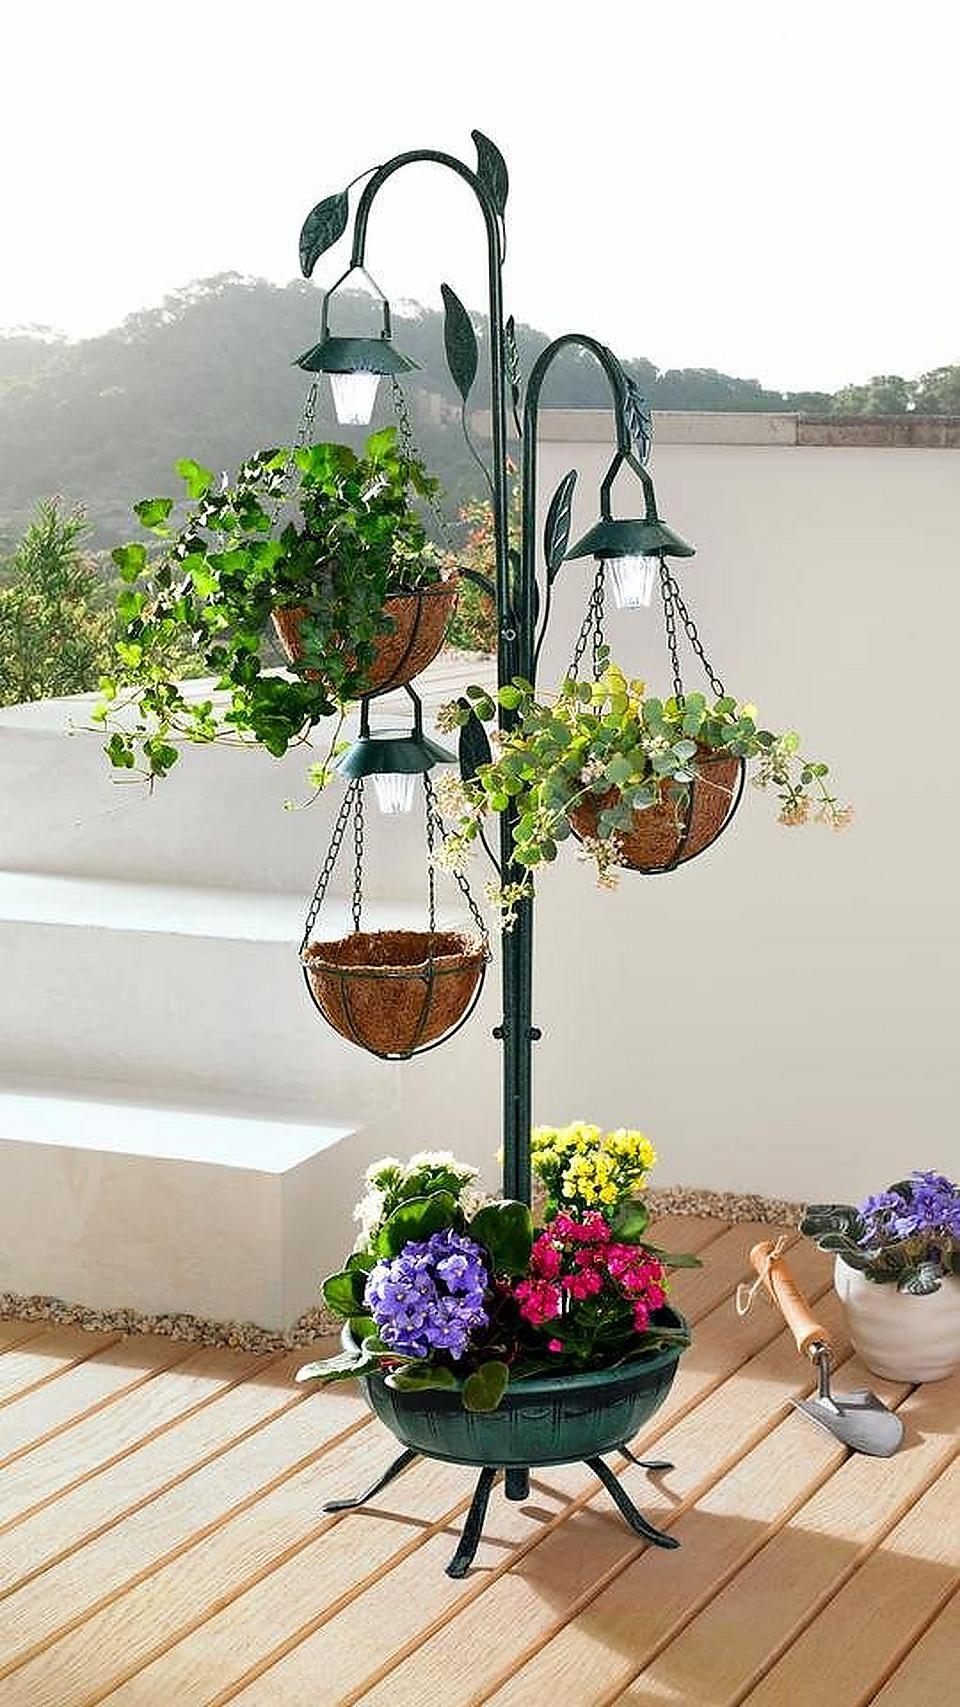 Heine Home Pflanzstander Mit Led Beleuchtung Baur Urbangardening Gartenbau Gruneoase Pflanzideen Pflanzen Beleuchtung Garten